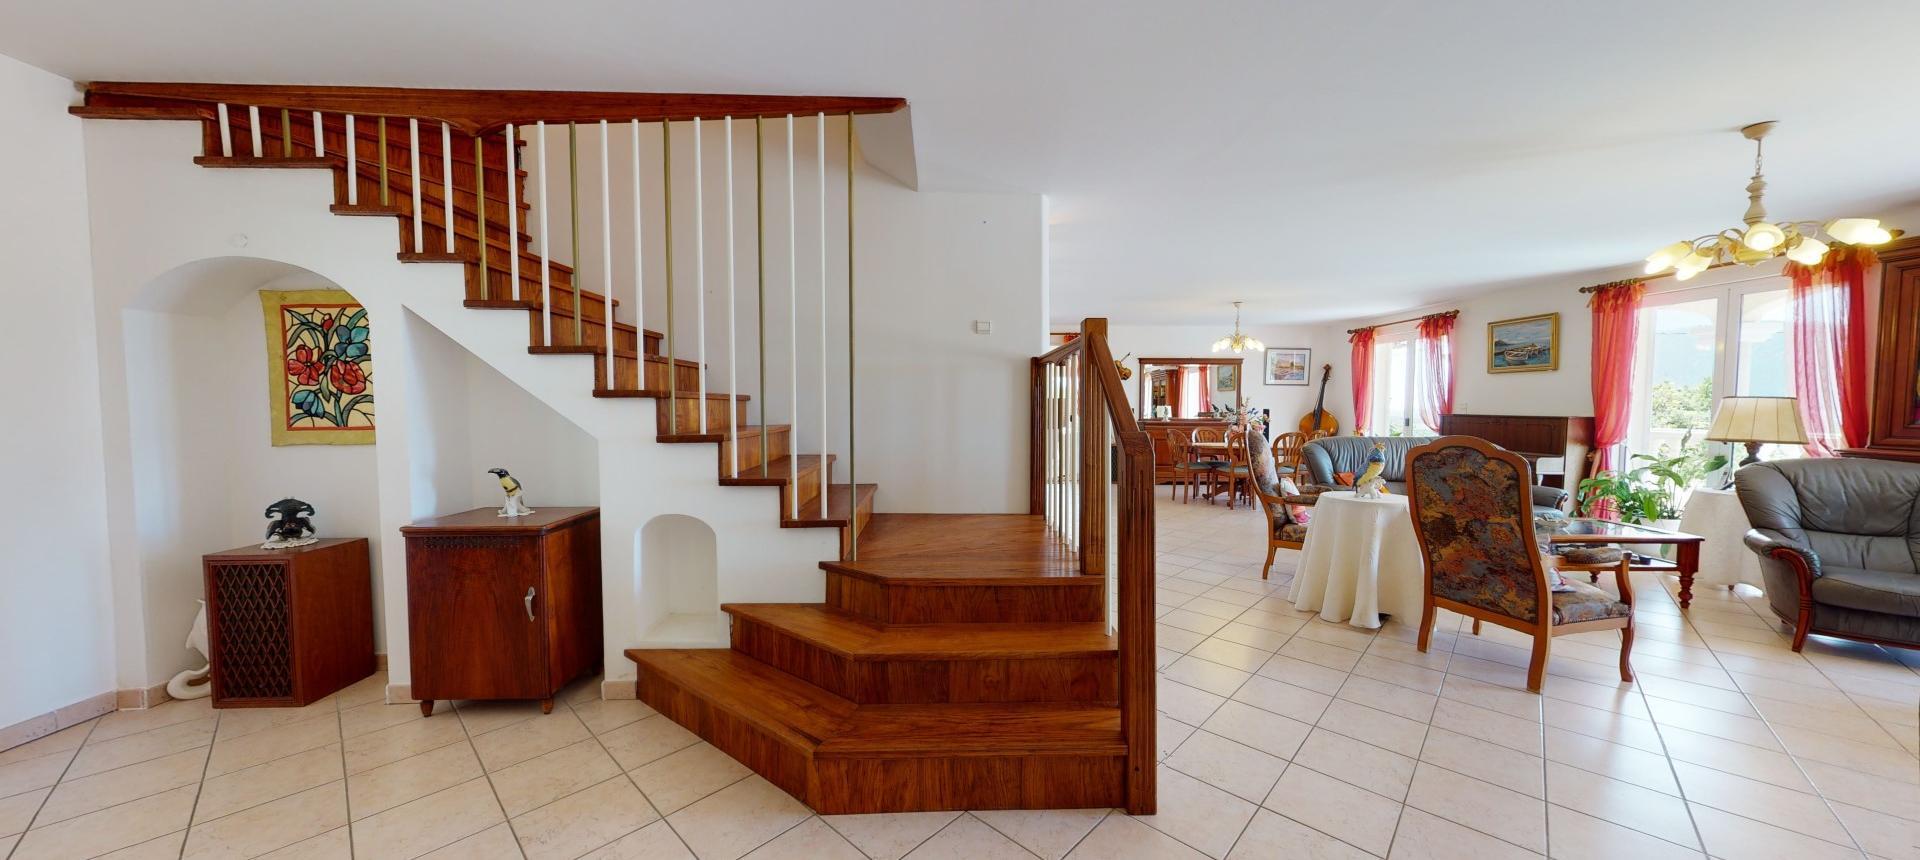 A vendre villa avec vue dégagée proche Ajaccio - AFA - SEJOUR ESCALIER